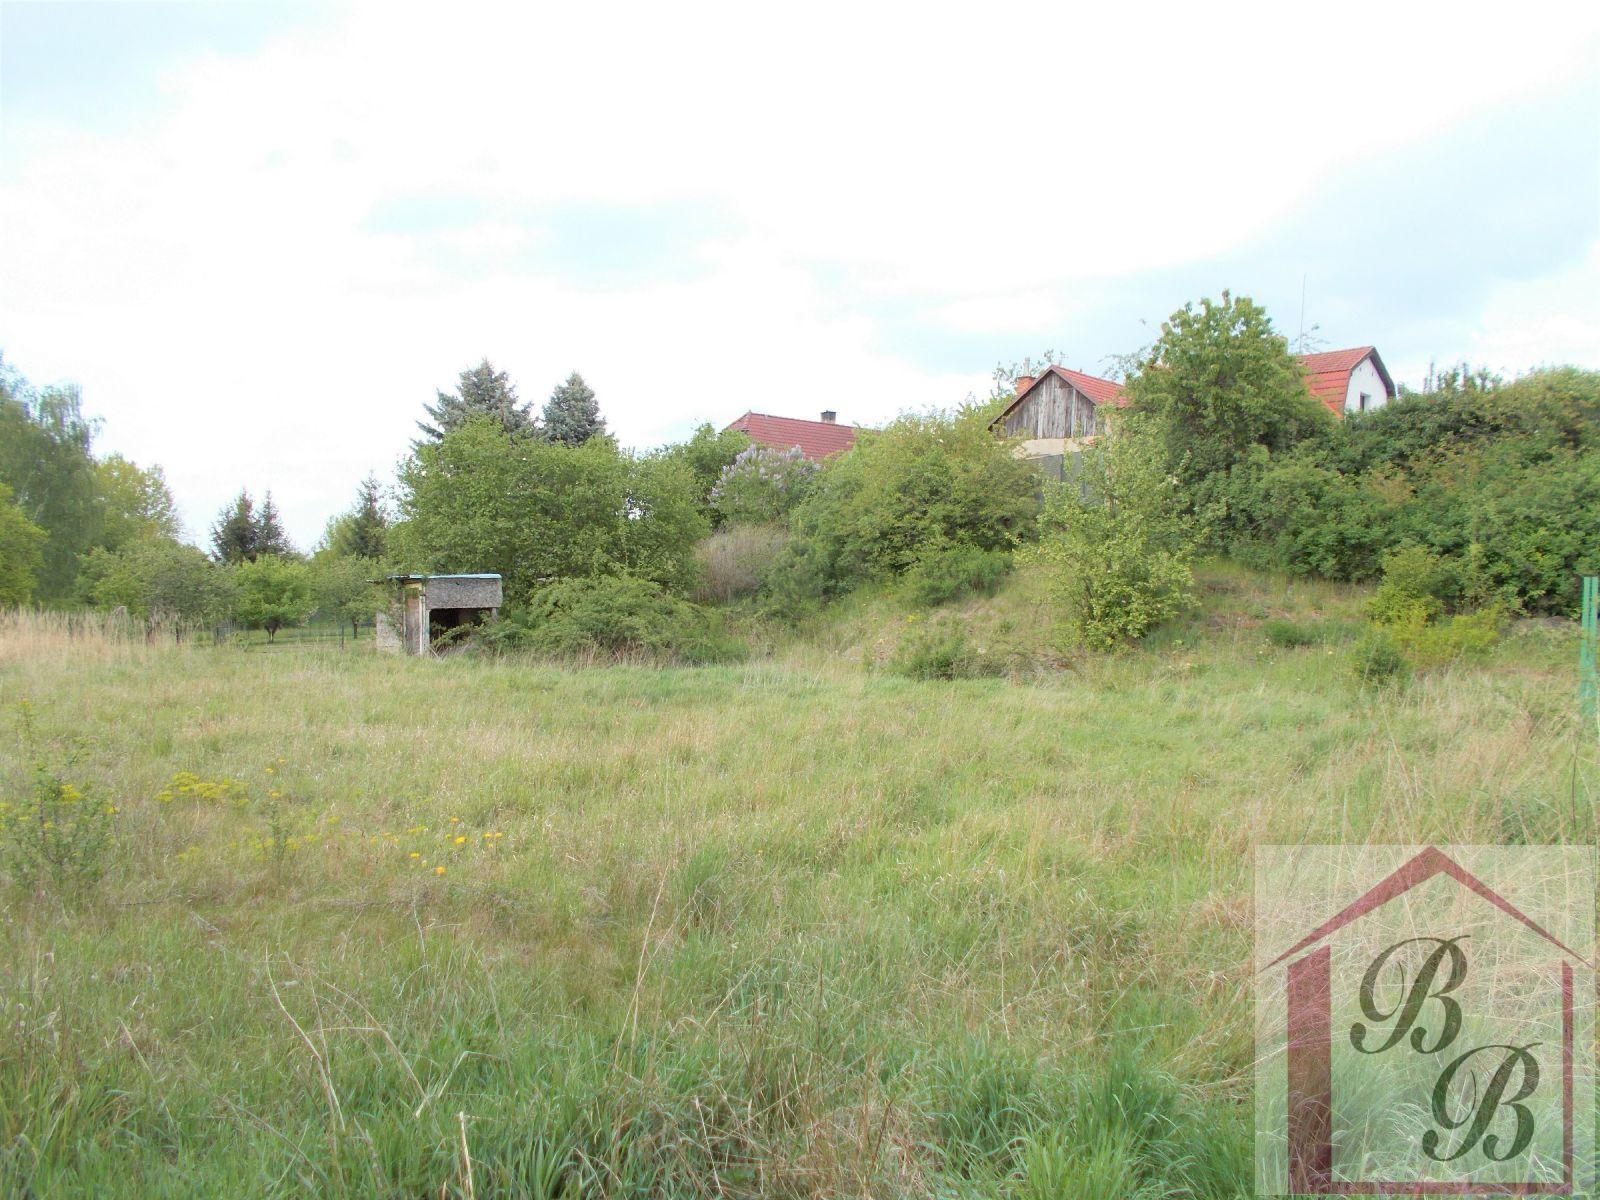 Prodej stavebního pozemku 1551 m2, Bakov nad Jizerou - Chudoplesy, Mladá Boleslav, hypotéka možná